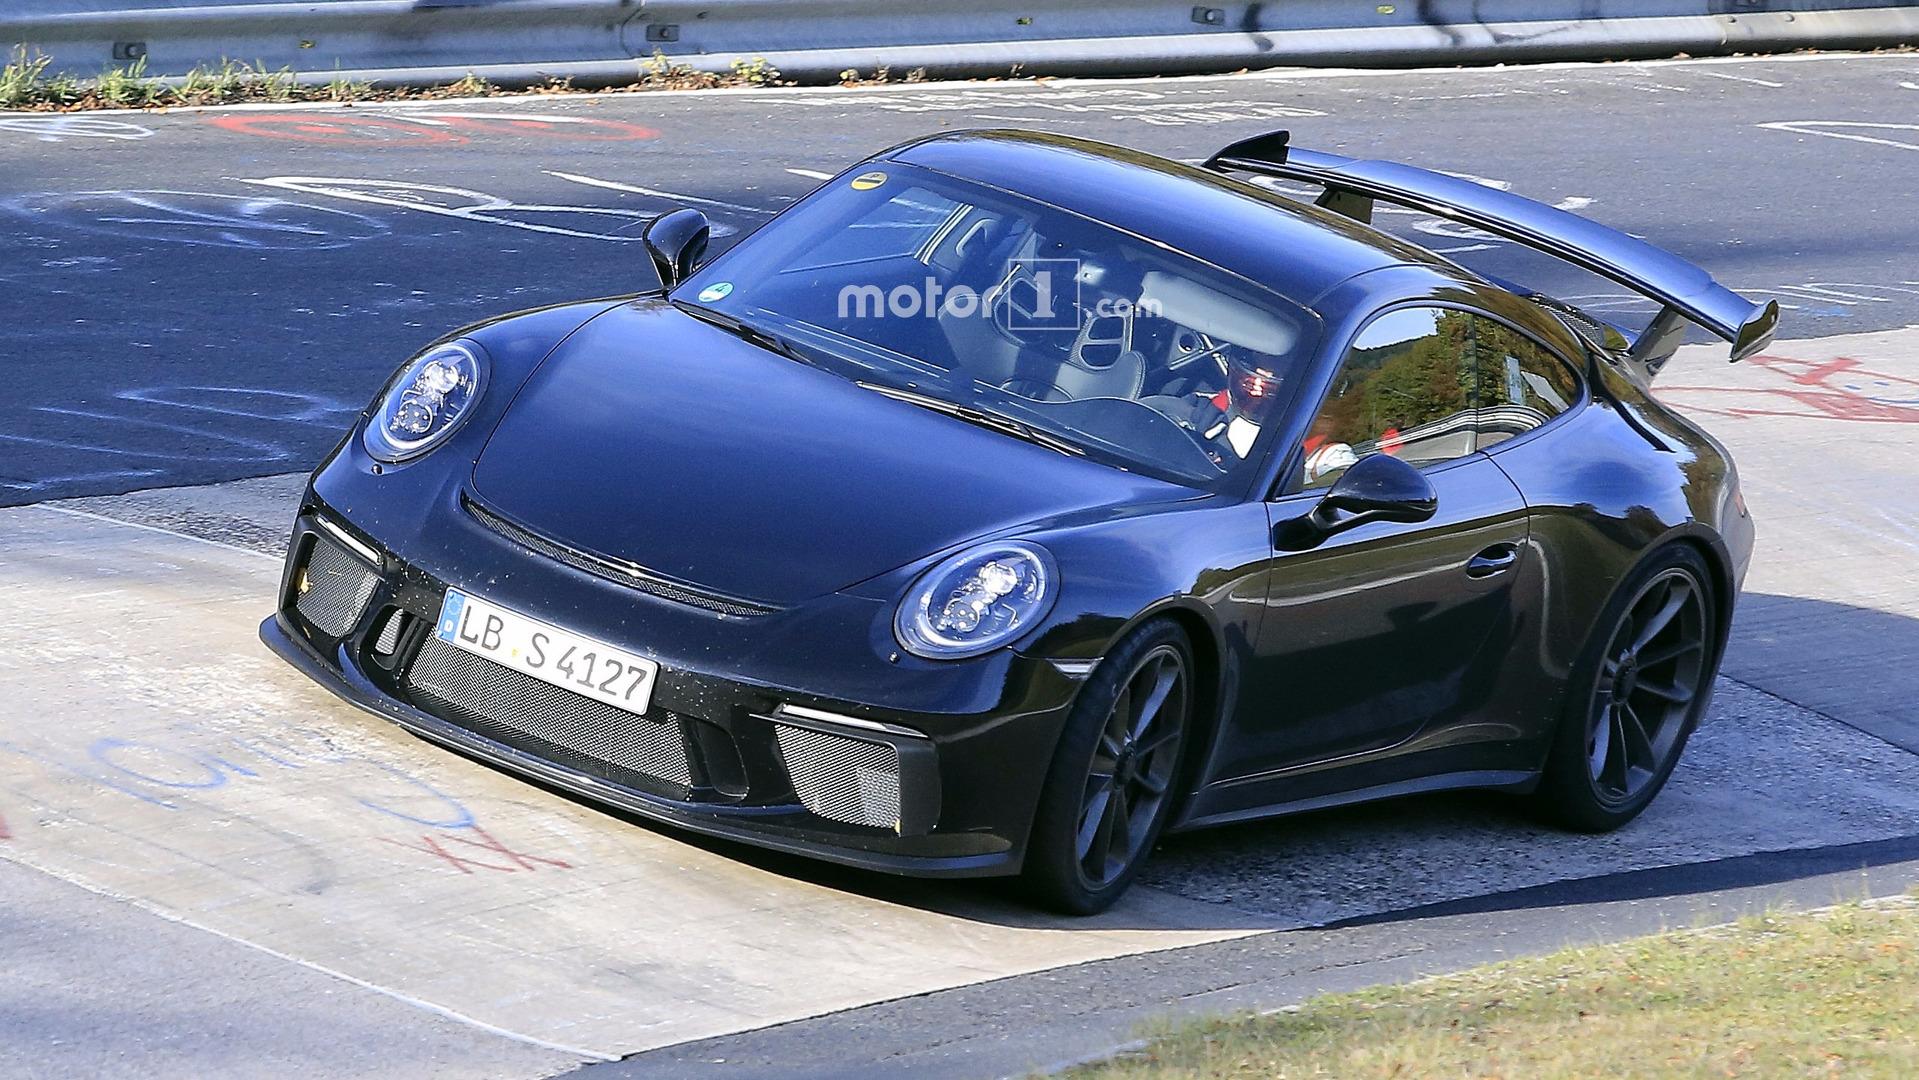 2017-porsche-911-gt3-facelift-spy-photo Stunning Porsche 911 Gt2 Body Kit Cars Trend